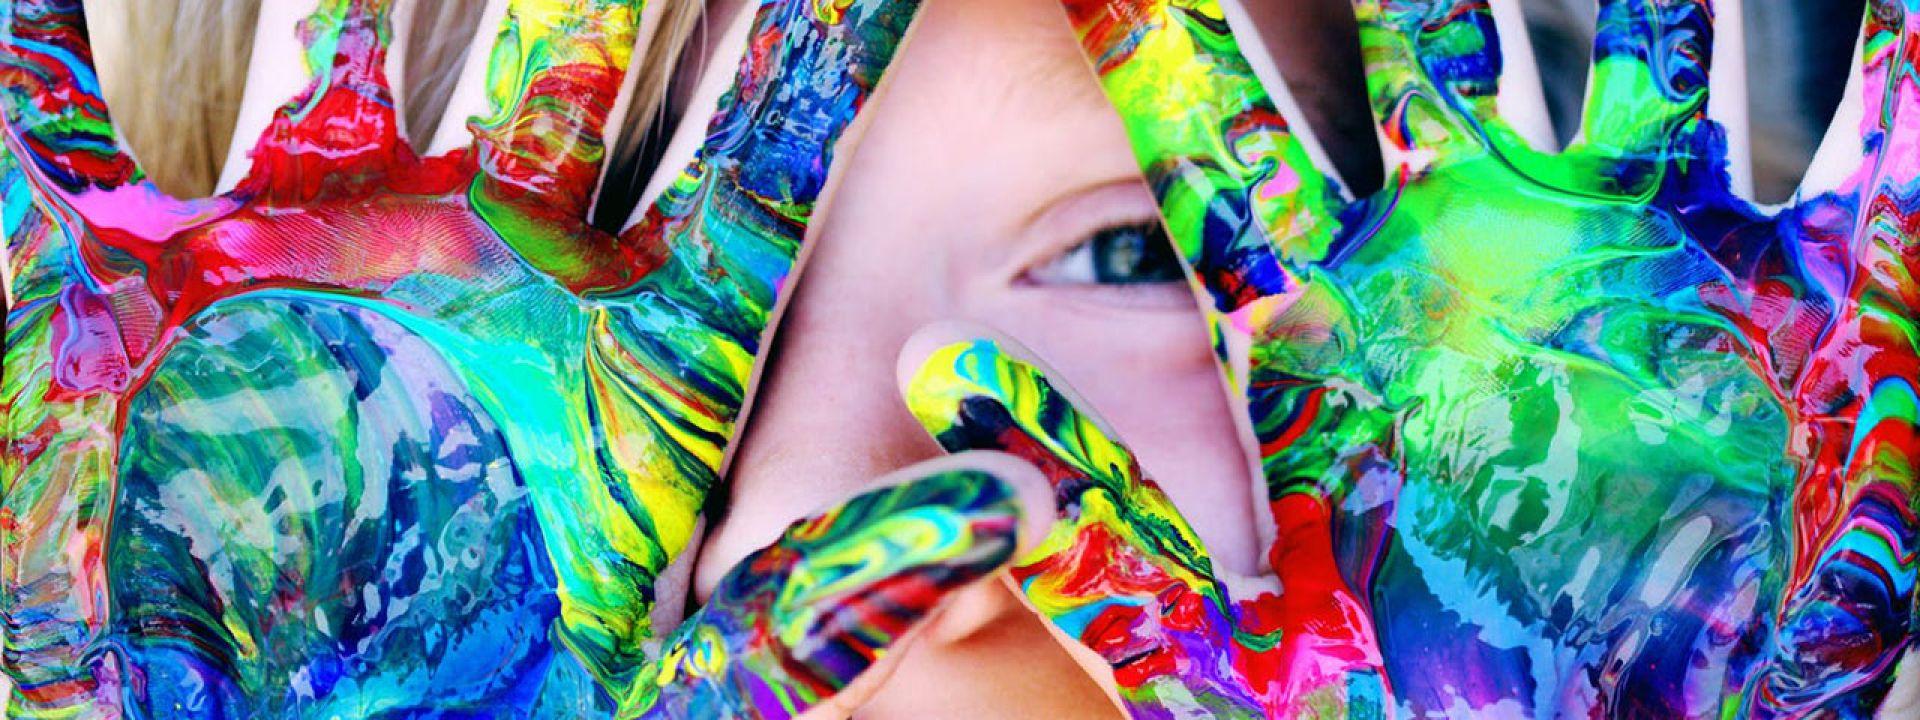 Φωτογραφία από παιδί που παίζει με τα χρώματα